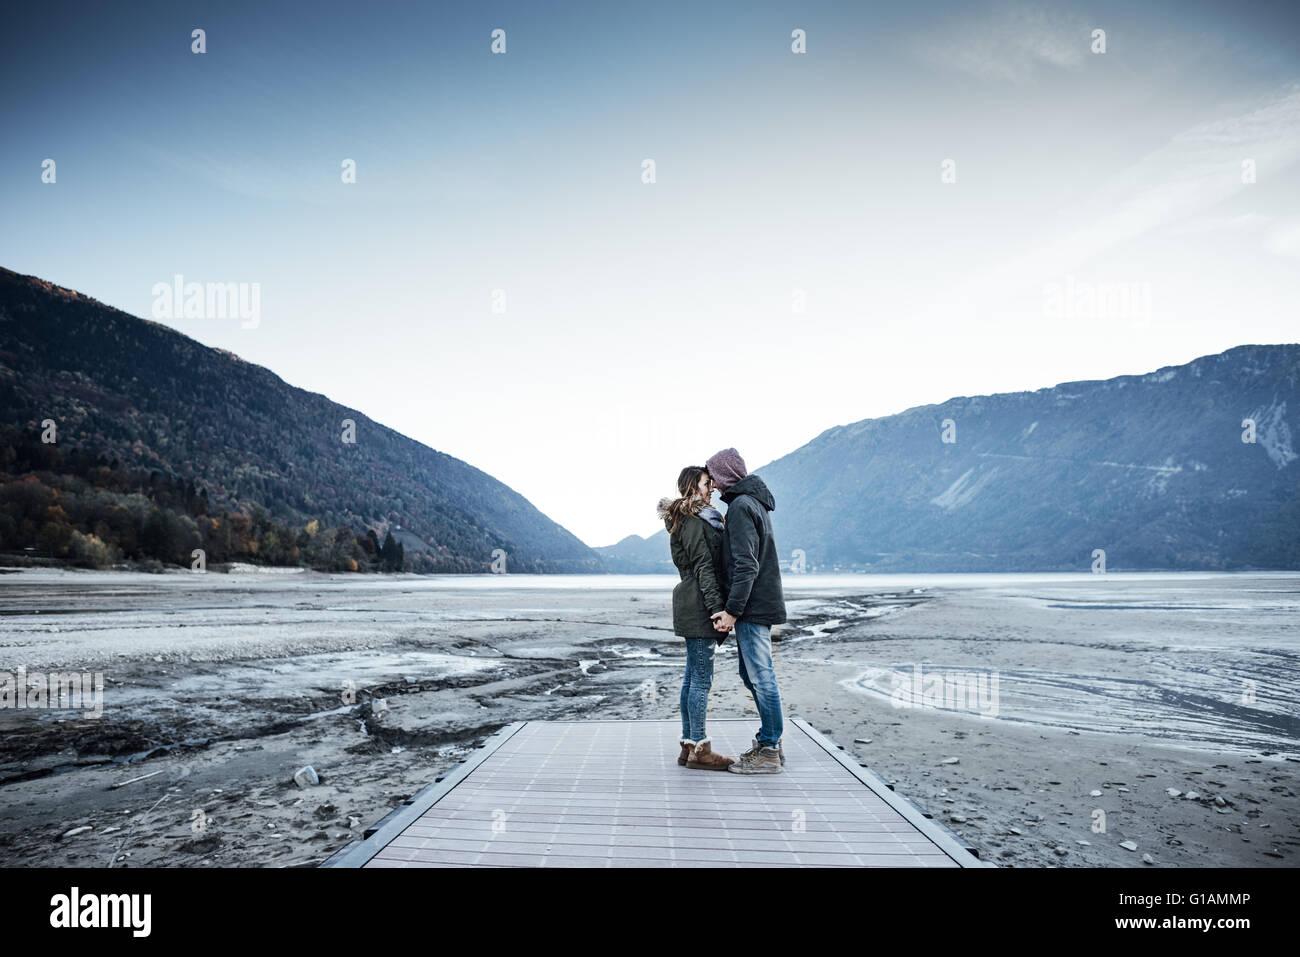 Romantische junges Paar auf einem Pier halten Hände, See und Berge im Hintergrund Stockbild